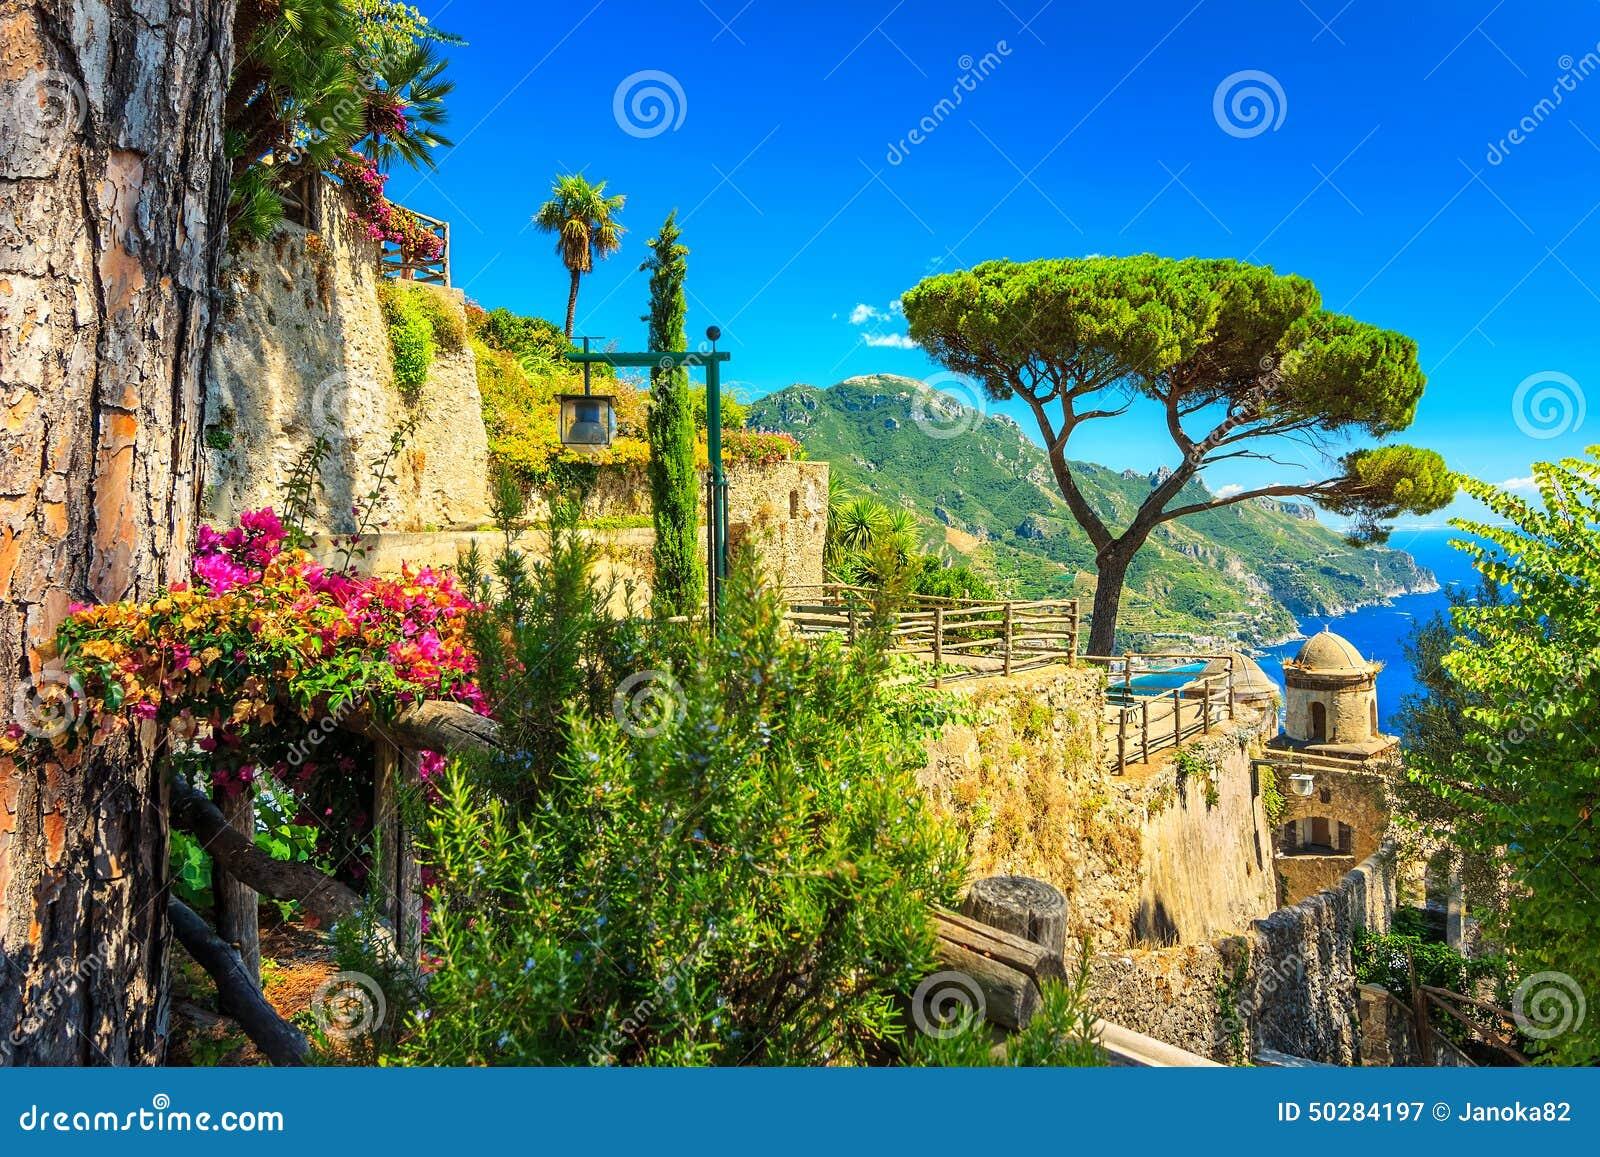 l 39 ornamental a suspendu le jardin jardin de rufolo ravello c te d 39 amalfi italie l 39 europe. Black Bedroom Furniture Sets. Home Design Ideas